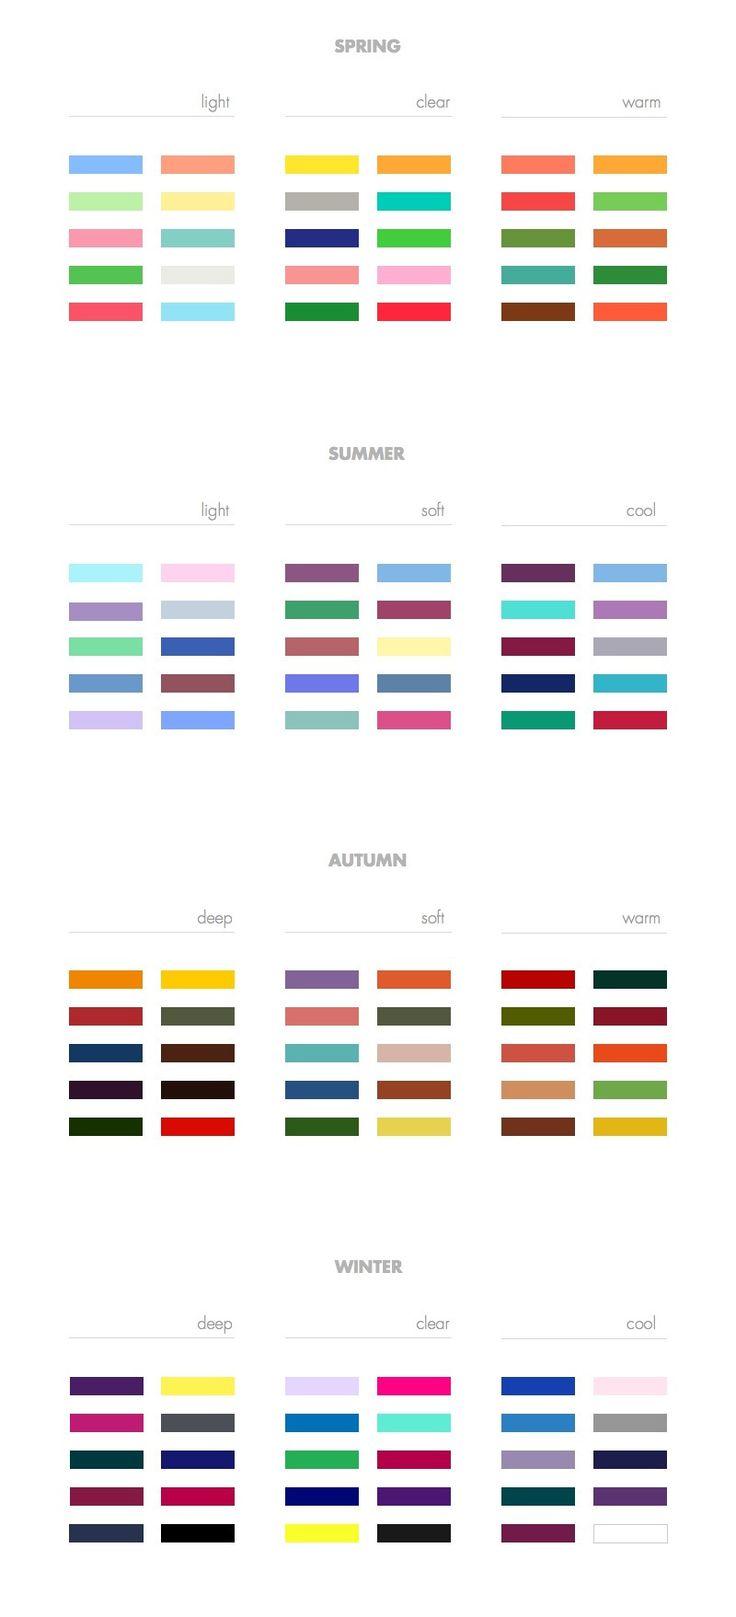 tonalidades que direcionam maquiagem de acordo com análise de coloração pessoal